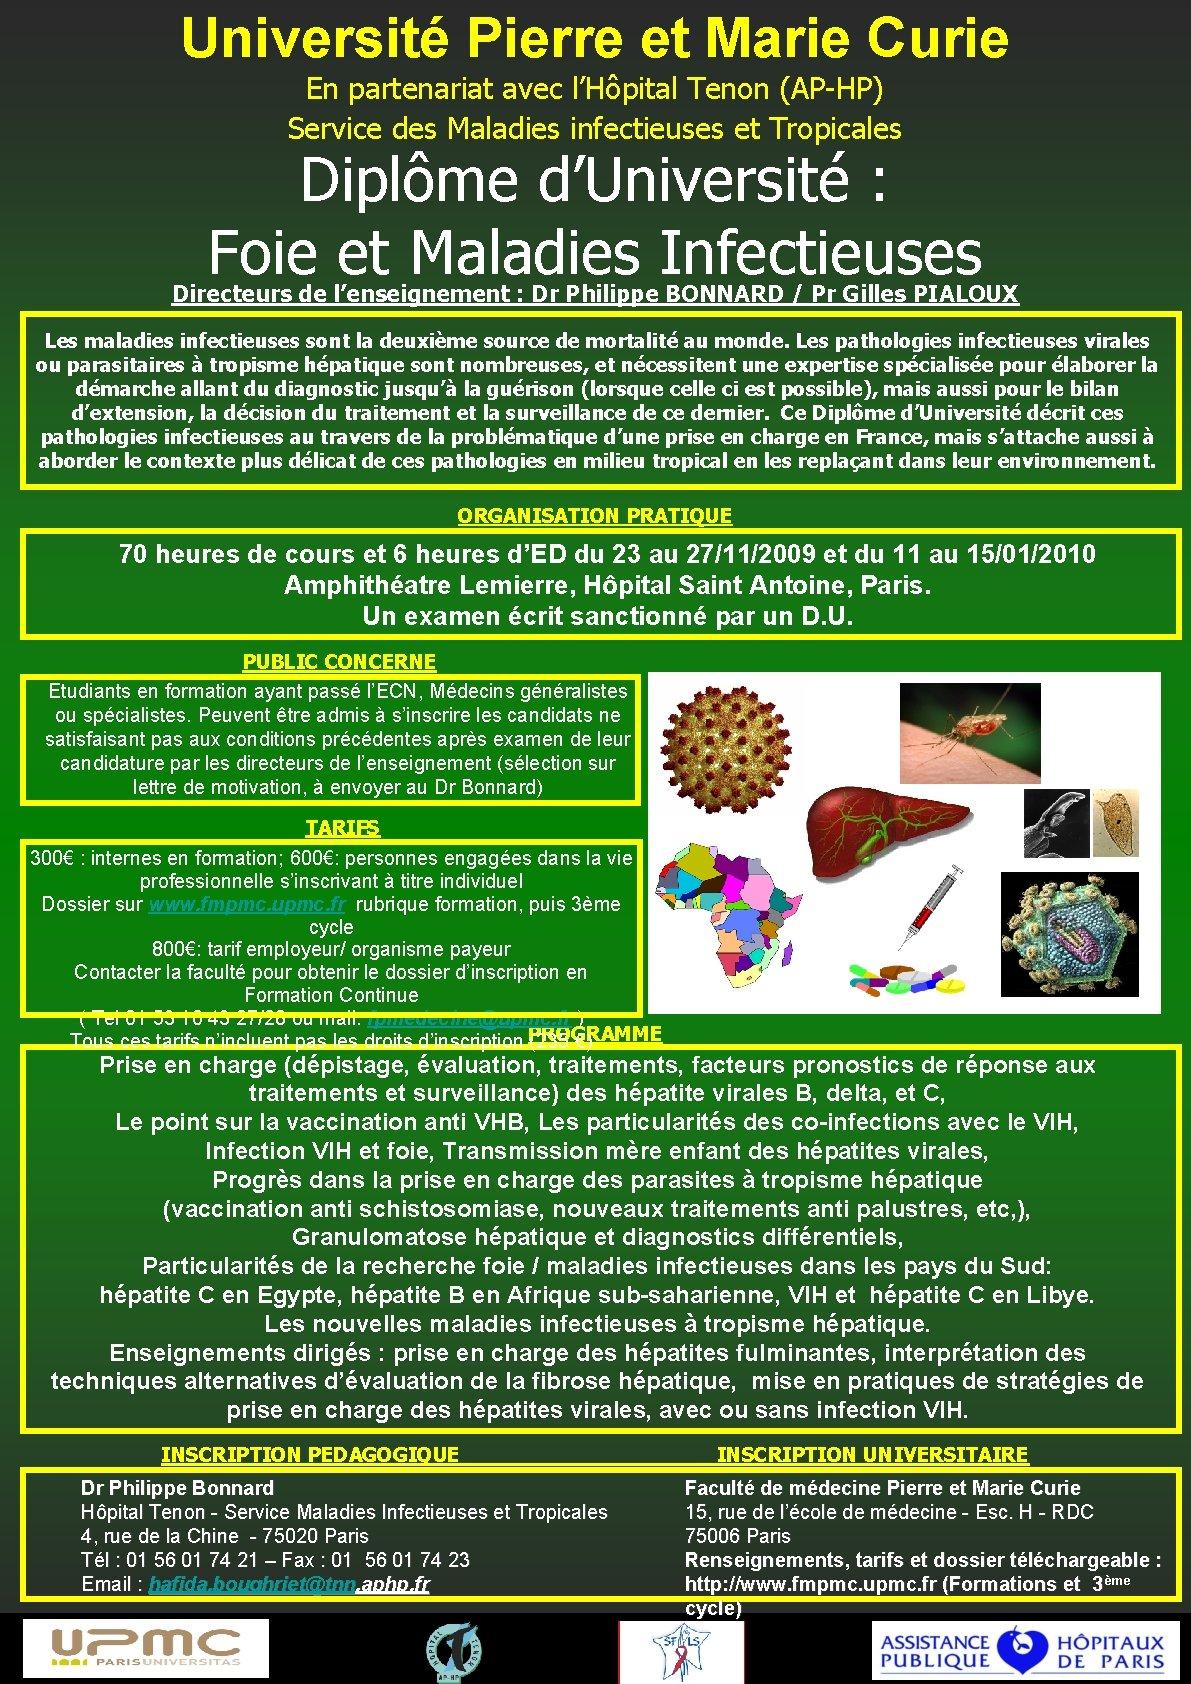 Université Pierre et Marie Curie En partenariat avec l'Hôpital Tenon (AP-HP) Service des Maladies